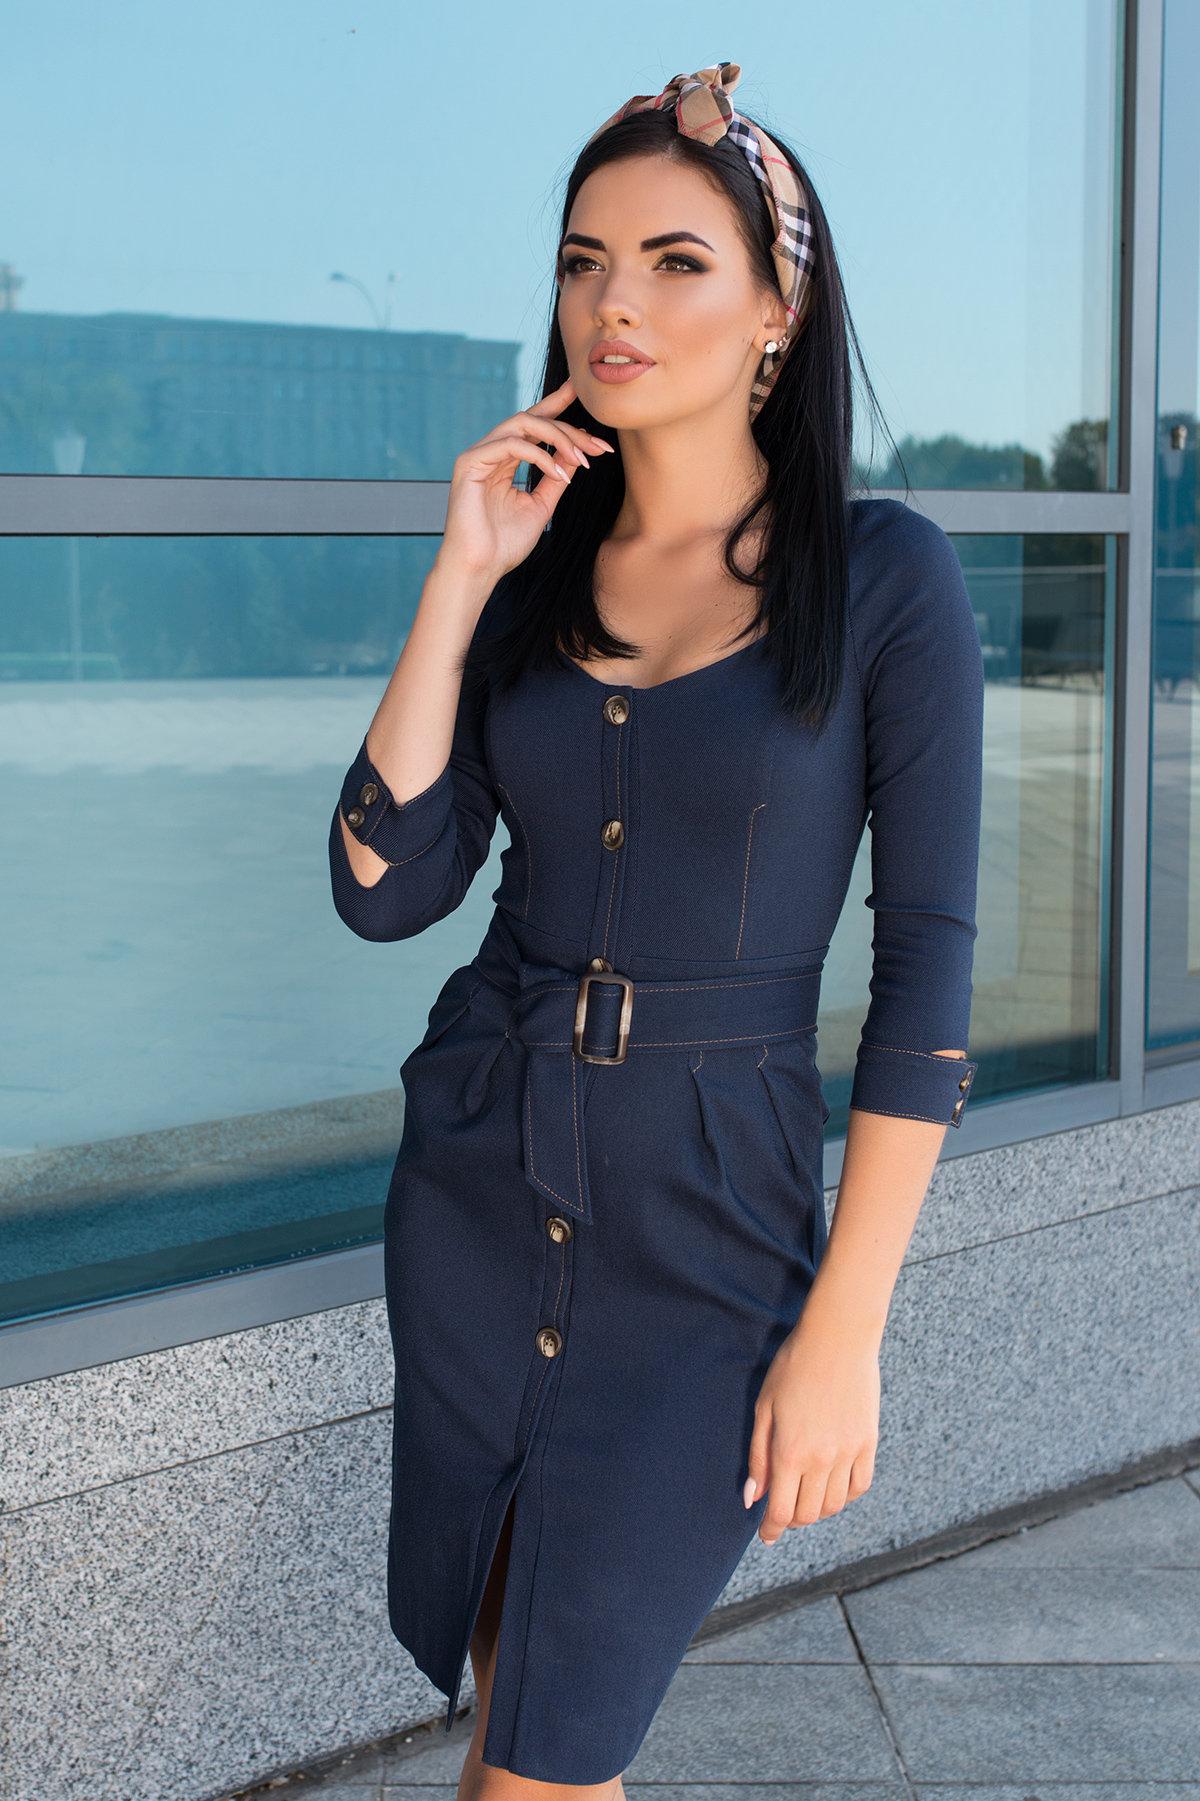 Платье-футляр Марсель 7656 АРТ. 43746 Цвет: Т.джинс - фото 4, интернет магазин tm-modus.ru